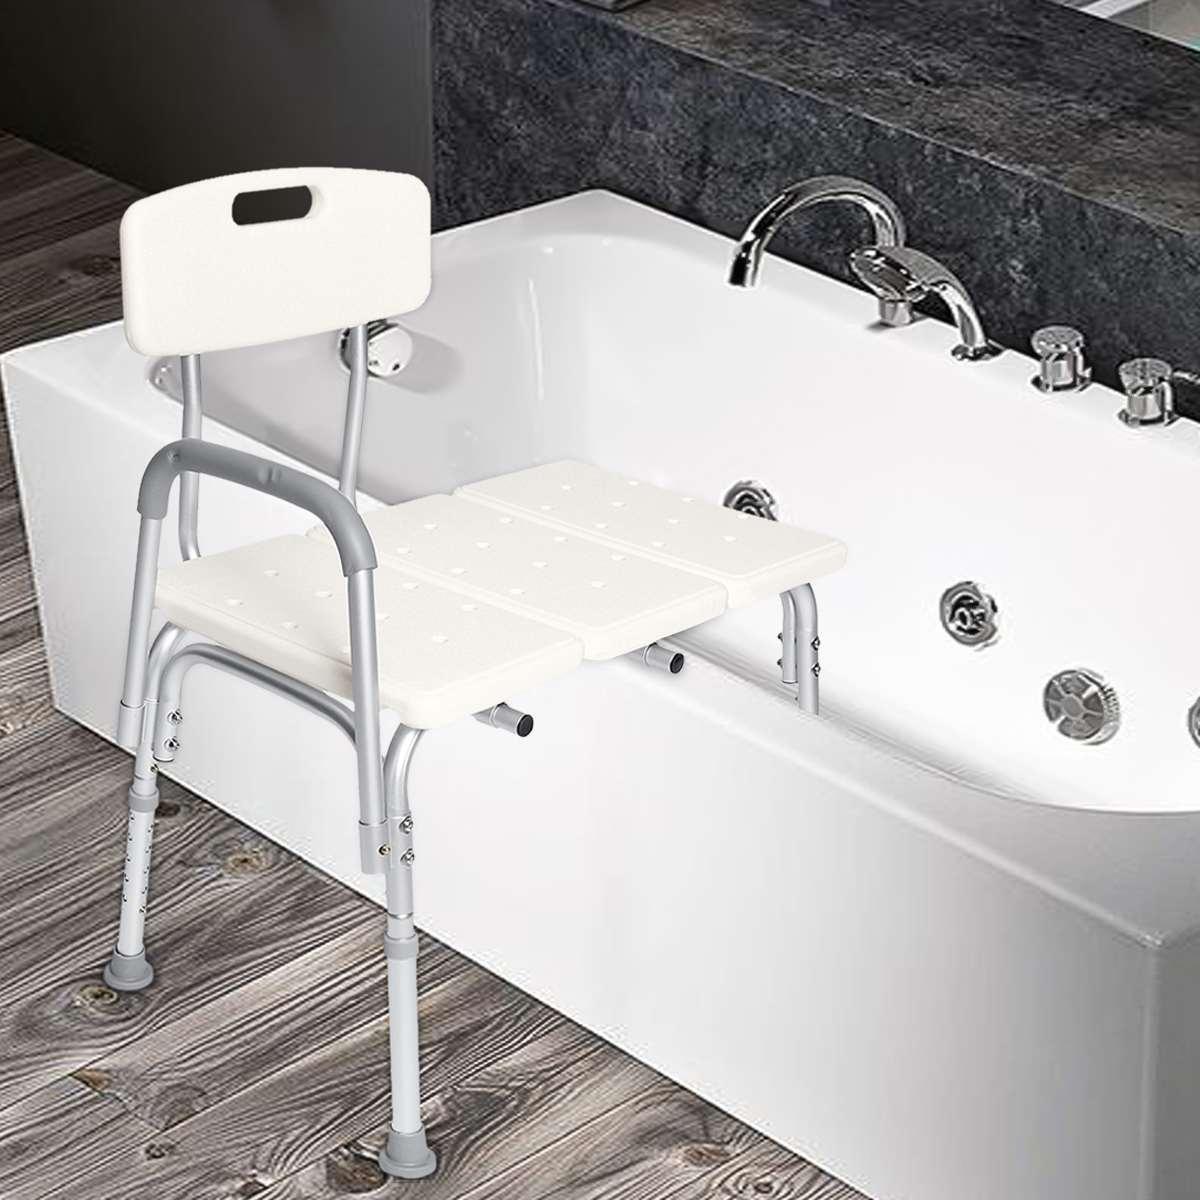 Стул для душа, переносная скамья, регулируемая высота, ванна с ручками, барные стулья для купания, медицинские алюминиевые 300 фунтов, мебель для дома